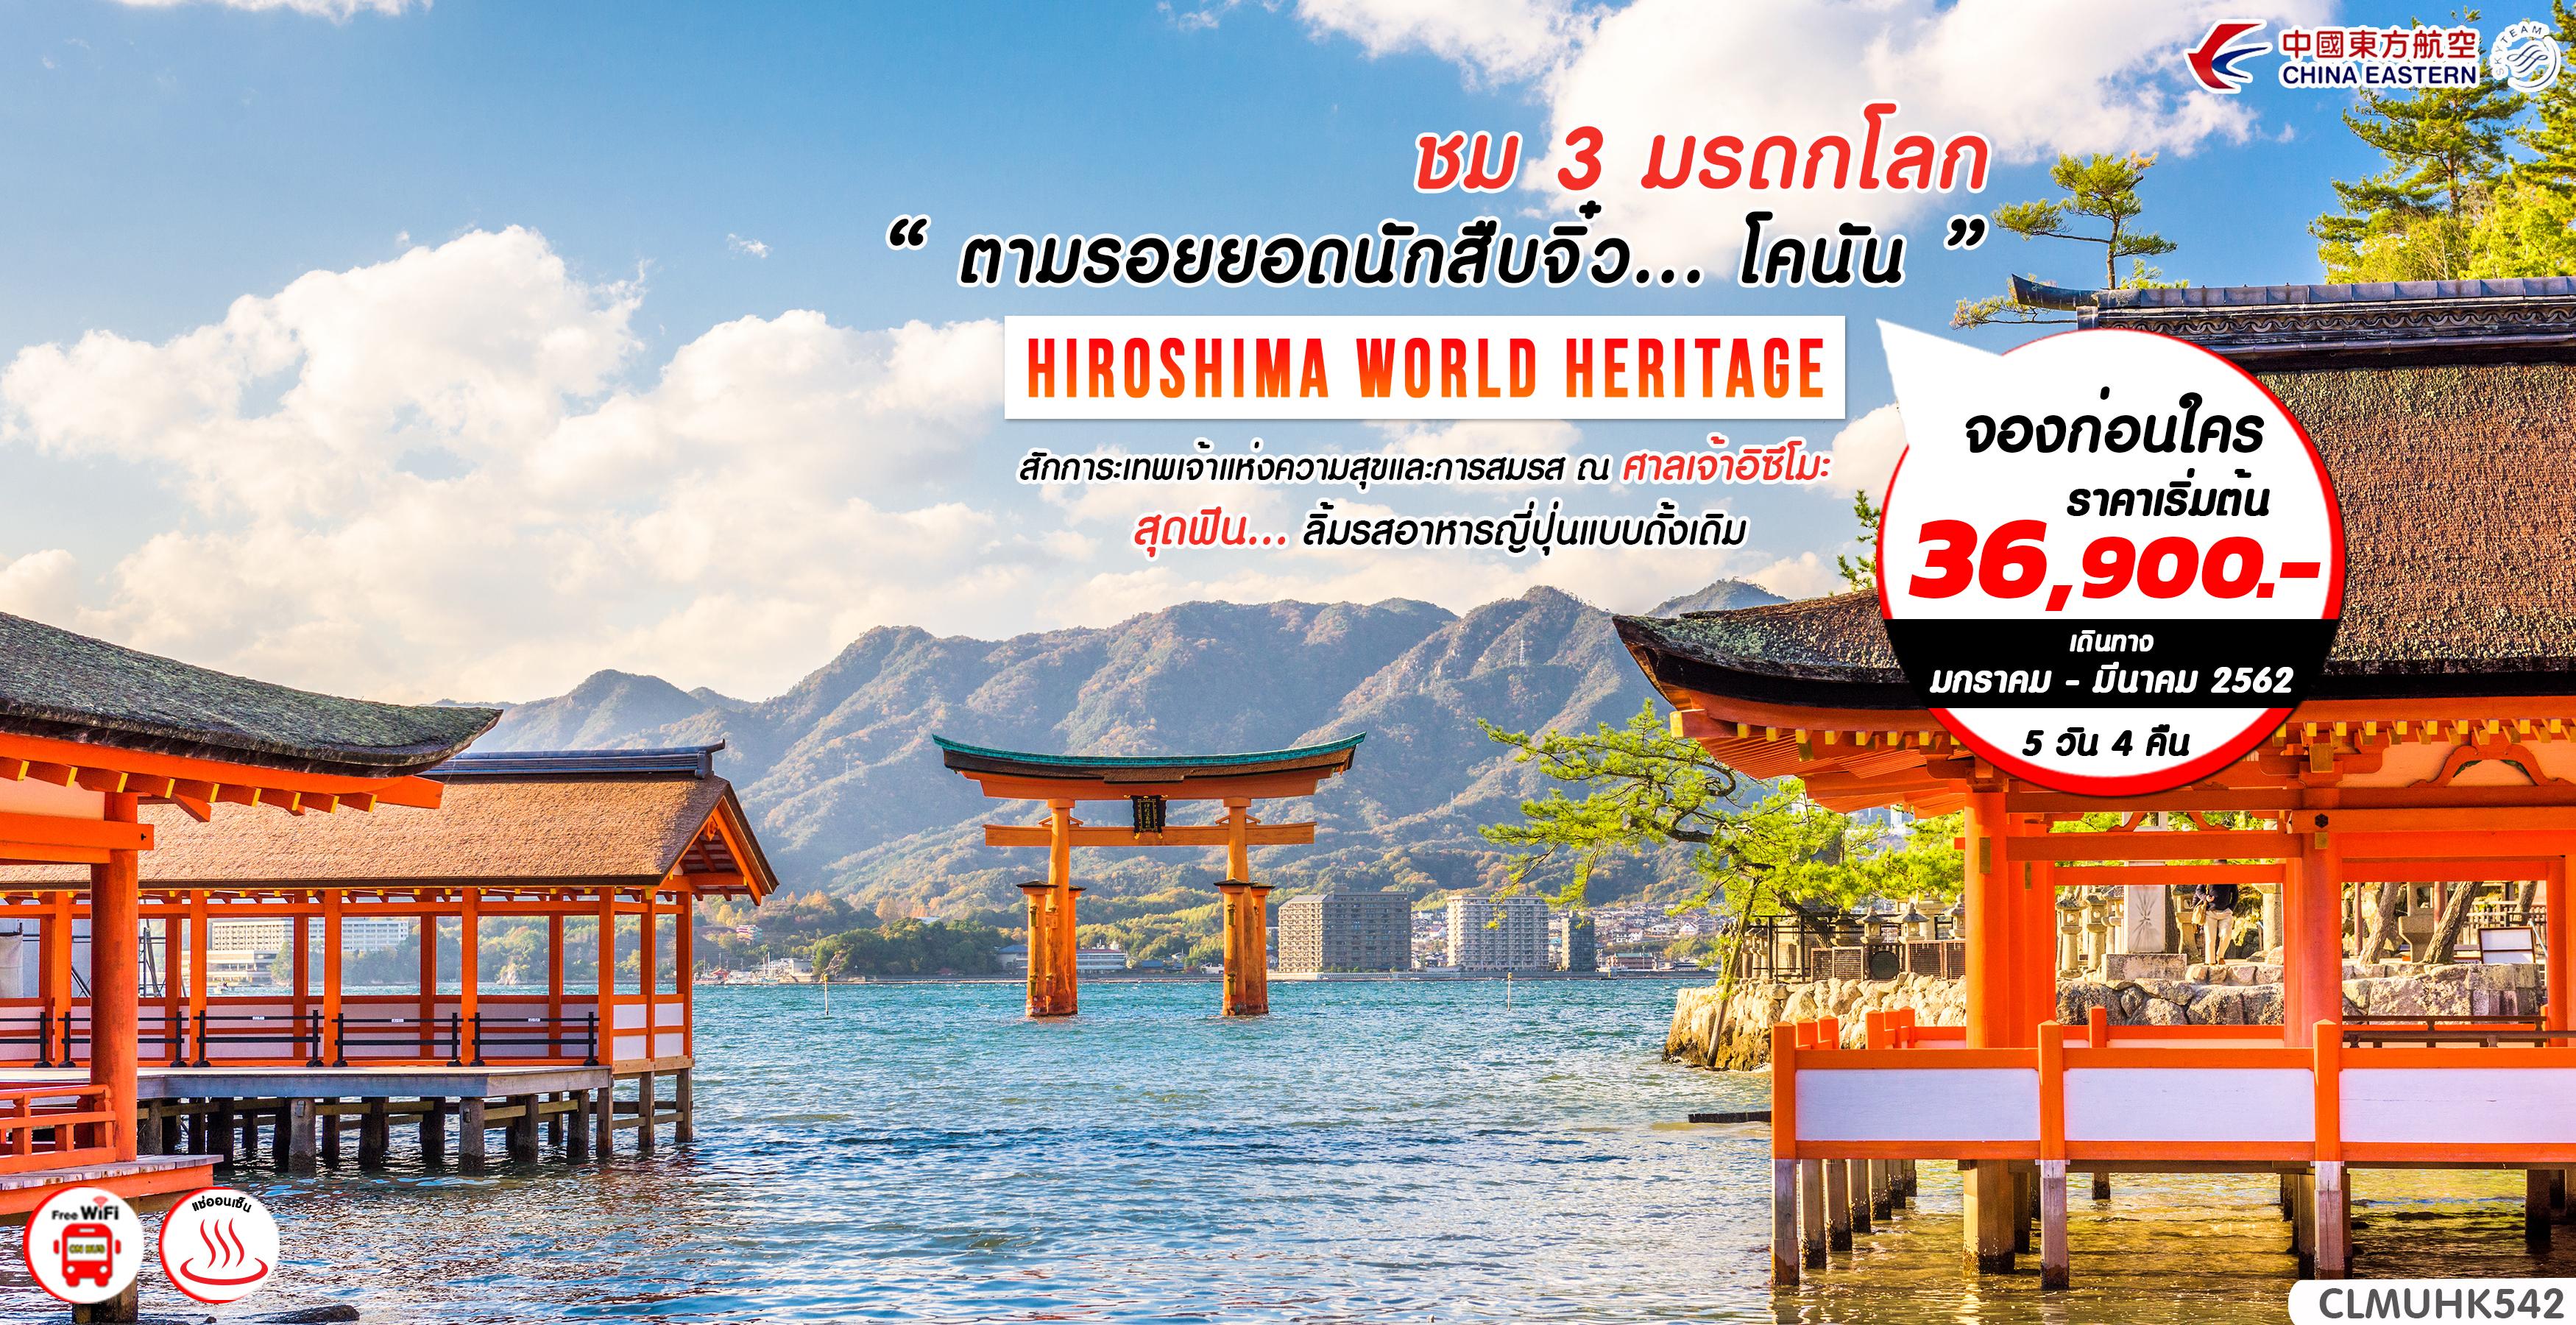 ทัวร์ญี่ปุ่น HIROSHIMA WORLD HERITAGE 5D4N (MU)